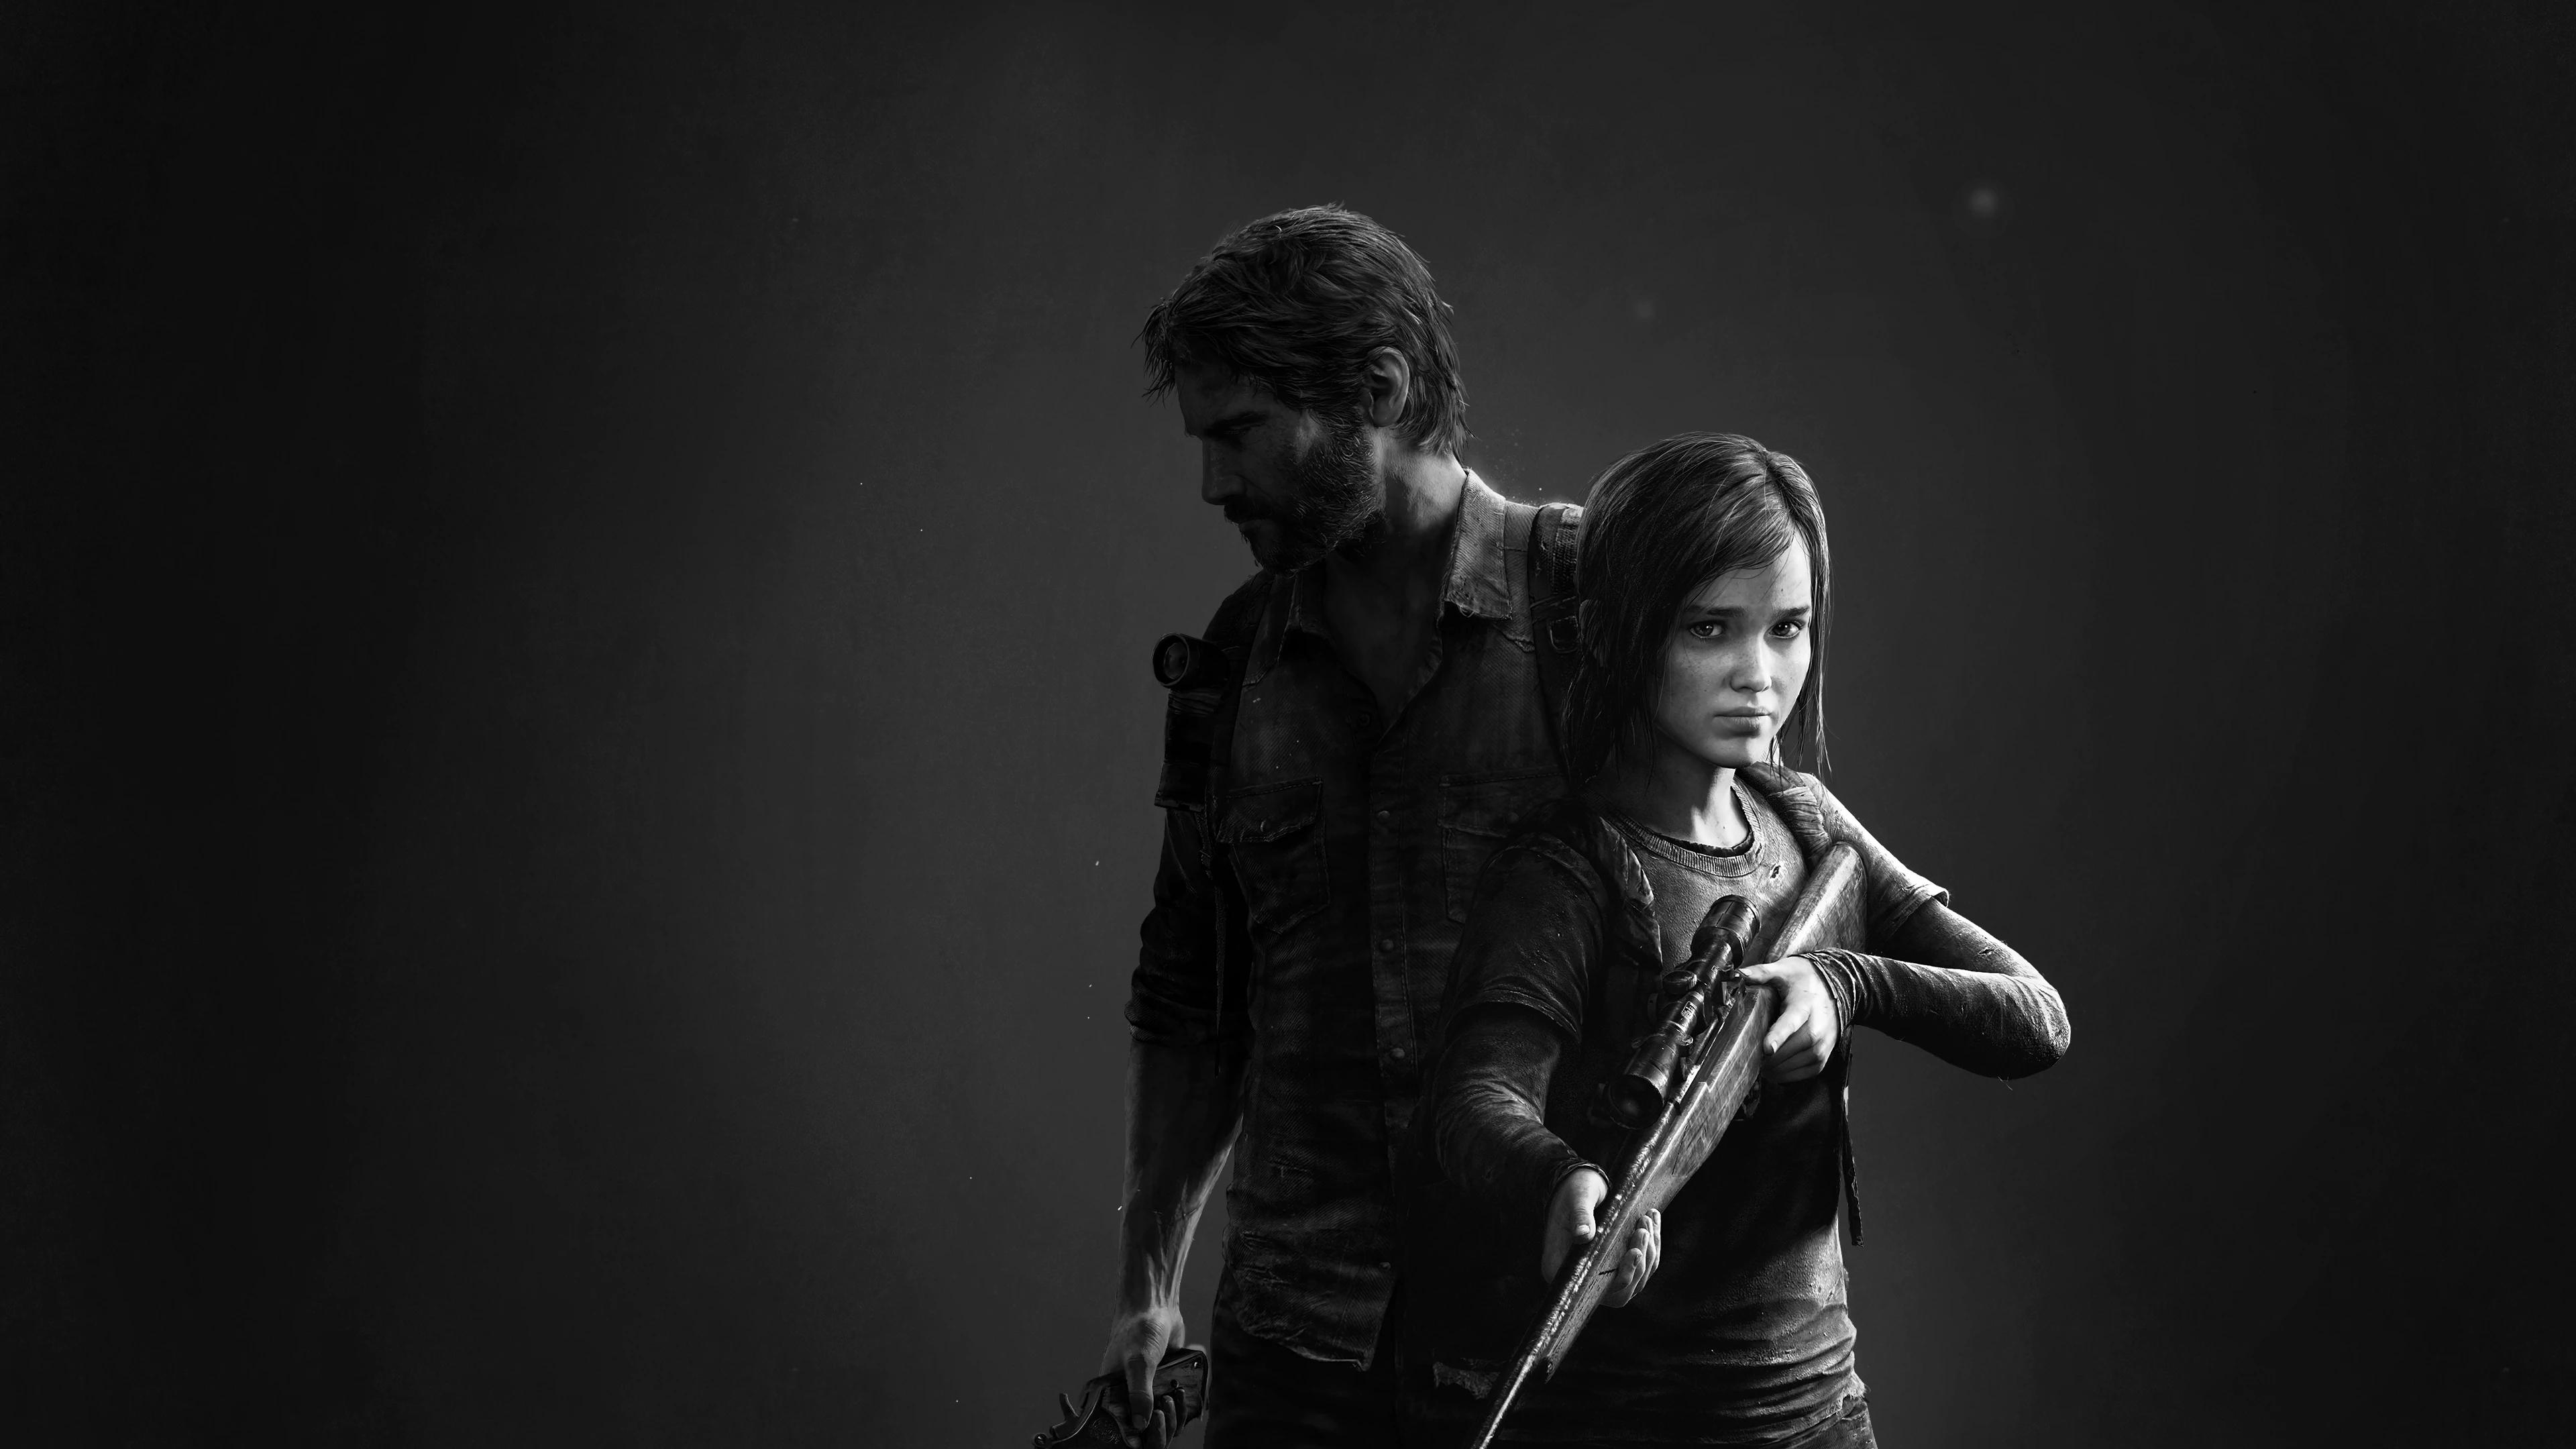 画像は「The Last of Us Remastered」のもの